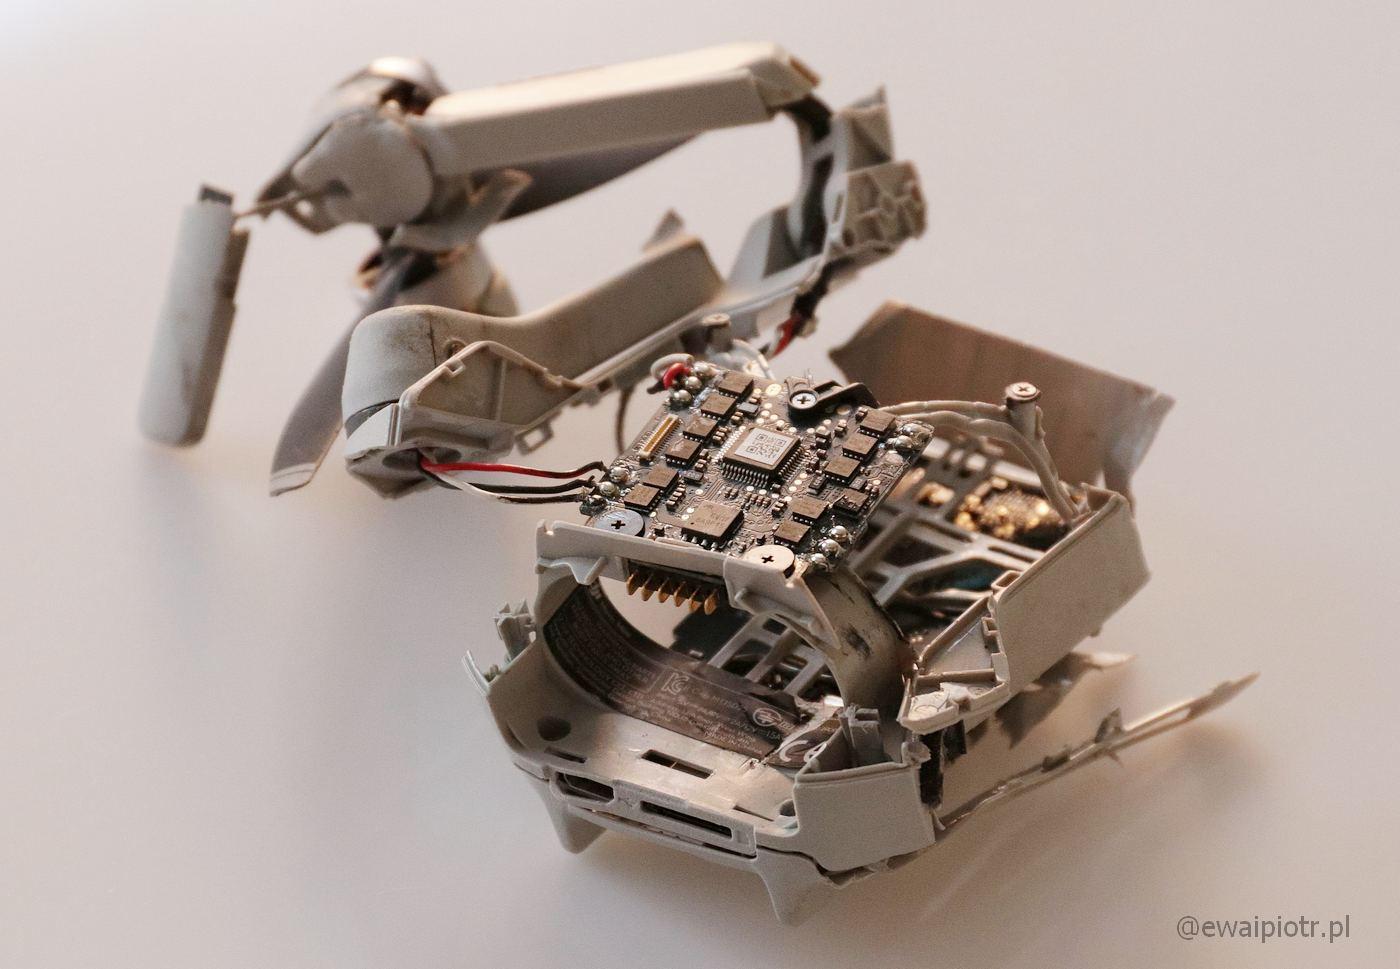 Rozbity Mavic Mini - dlaczego warto ubezpieczyć drona